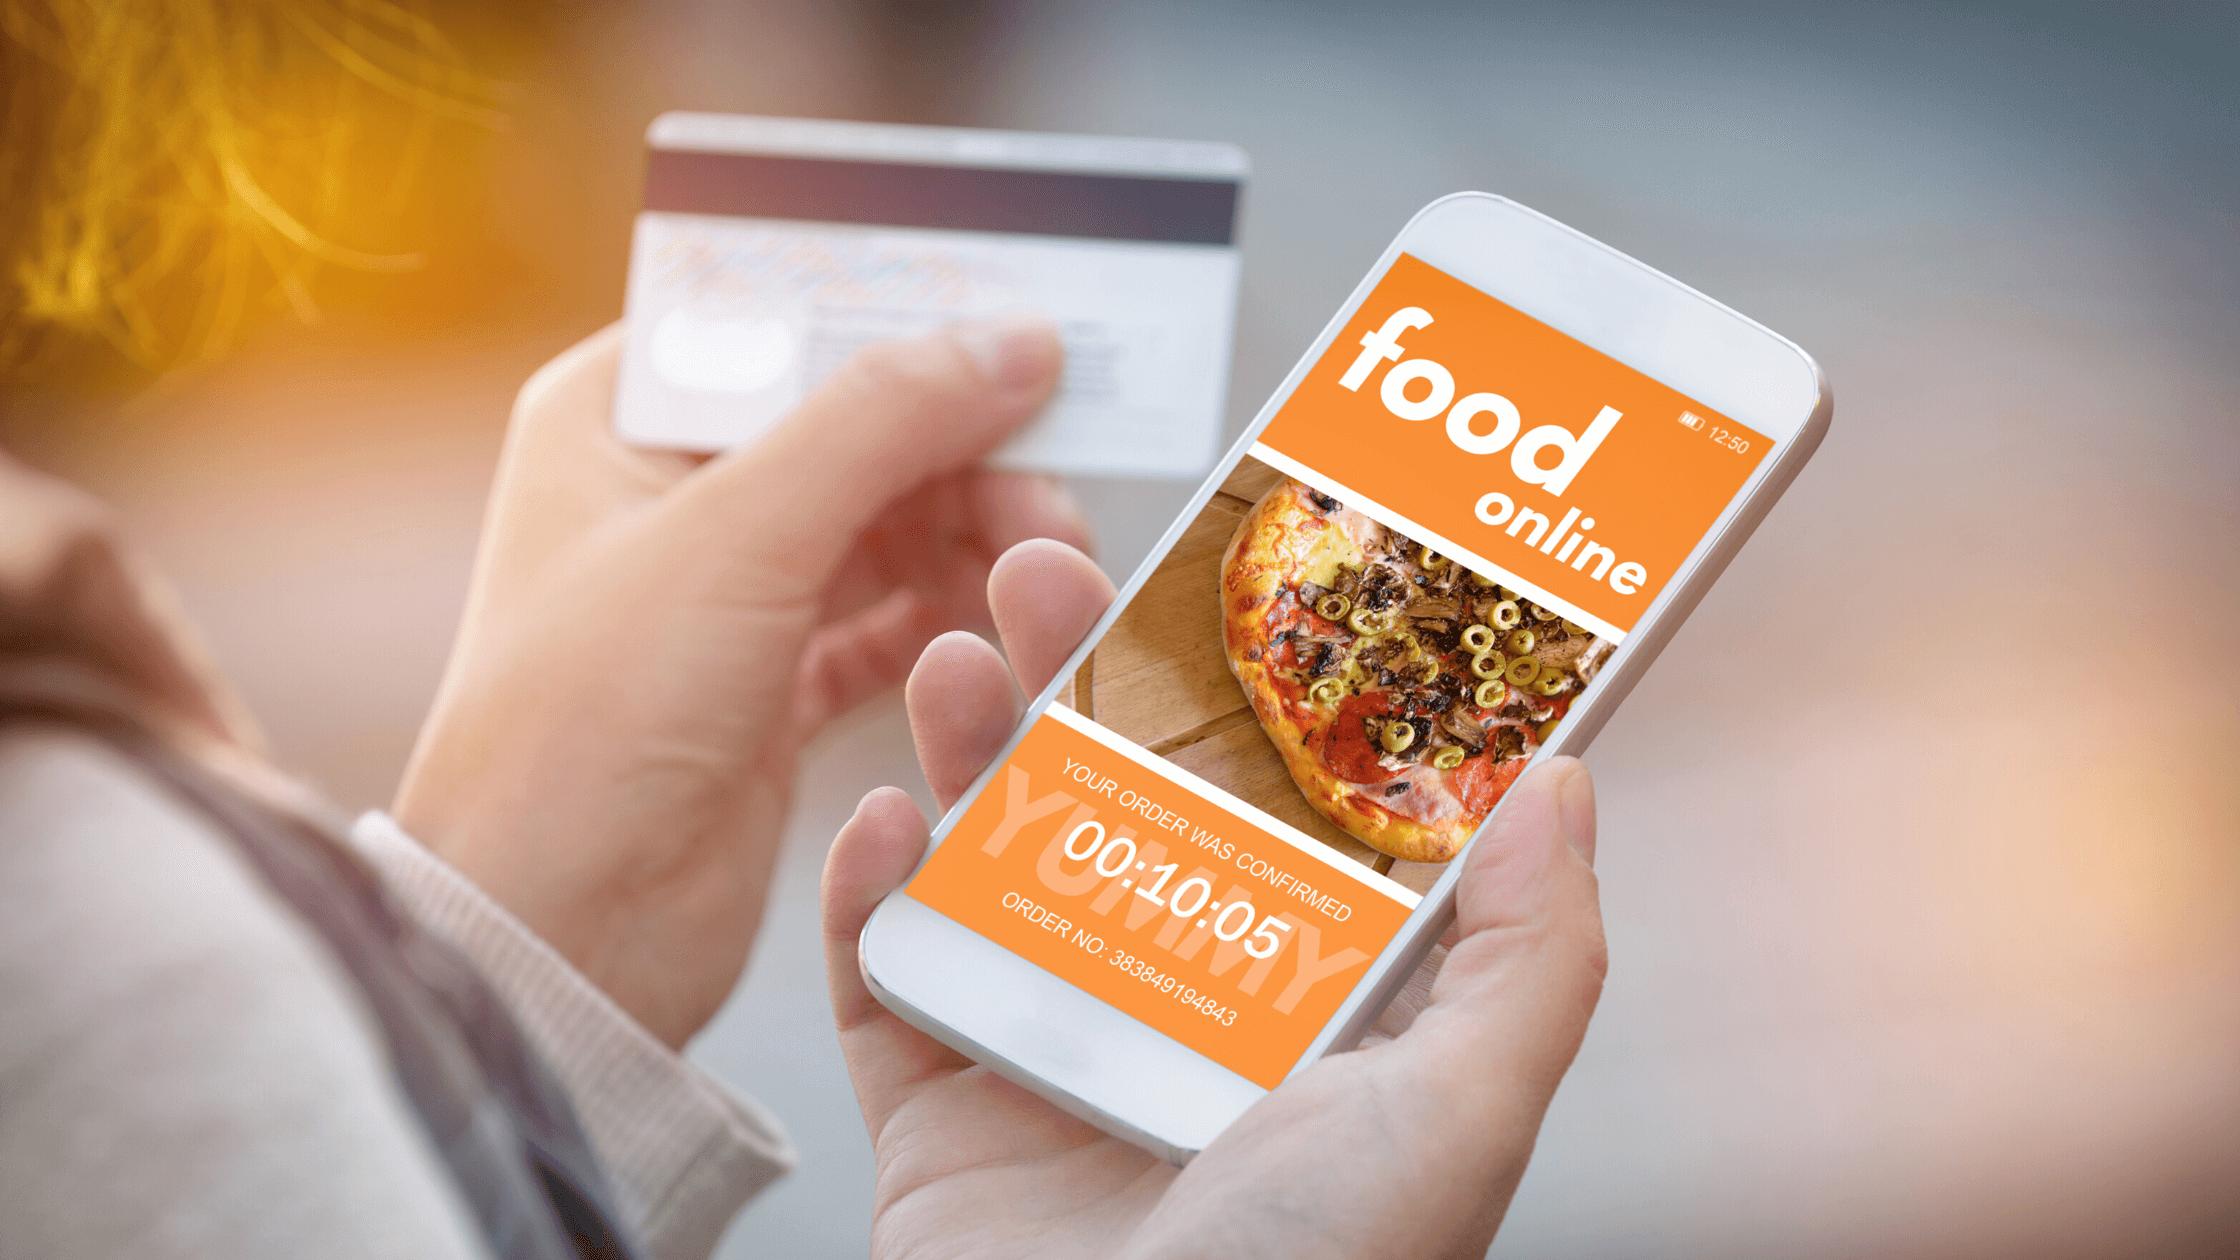 Pedidos online para restaurantes: mejor con programa de fidelización digital